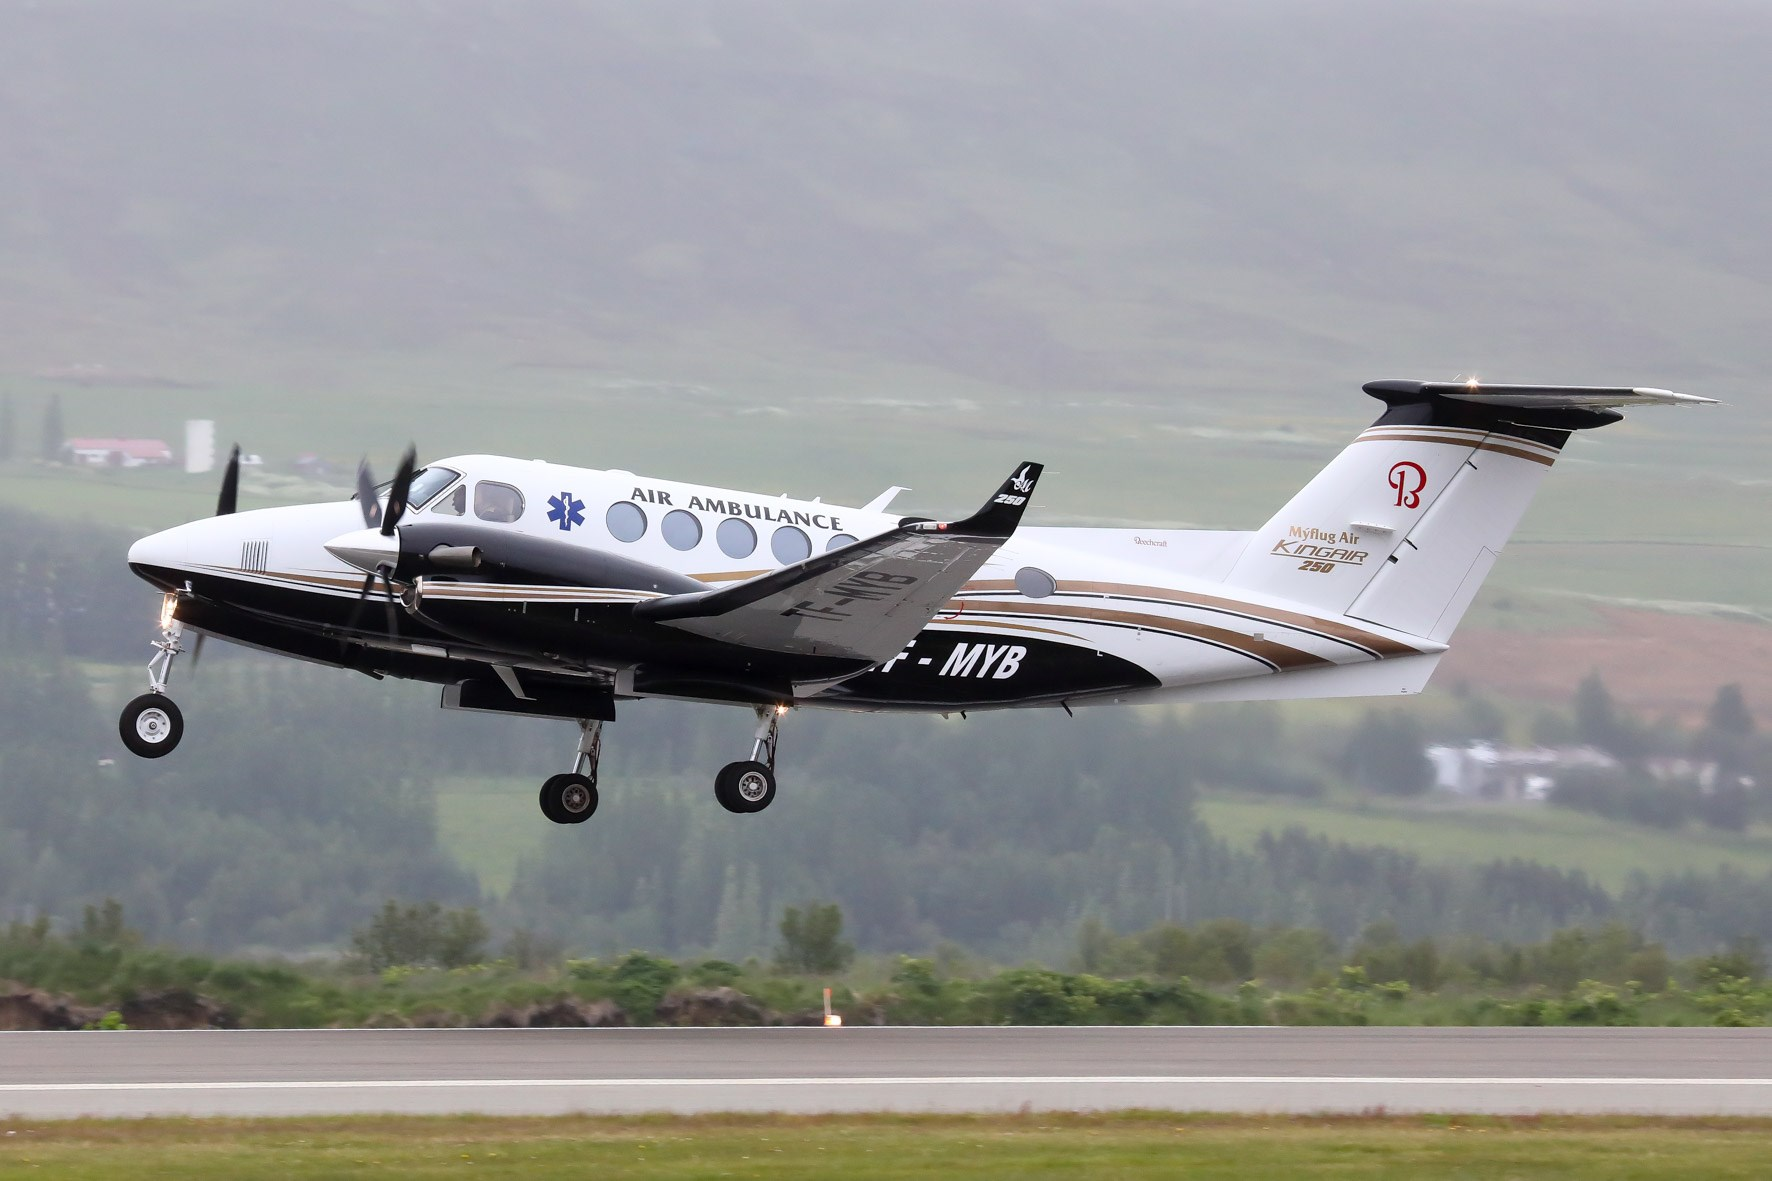 Mýflug Beechcraft King Air 250 reg. TF-MYB // Source: Hörður Geirsson